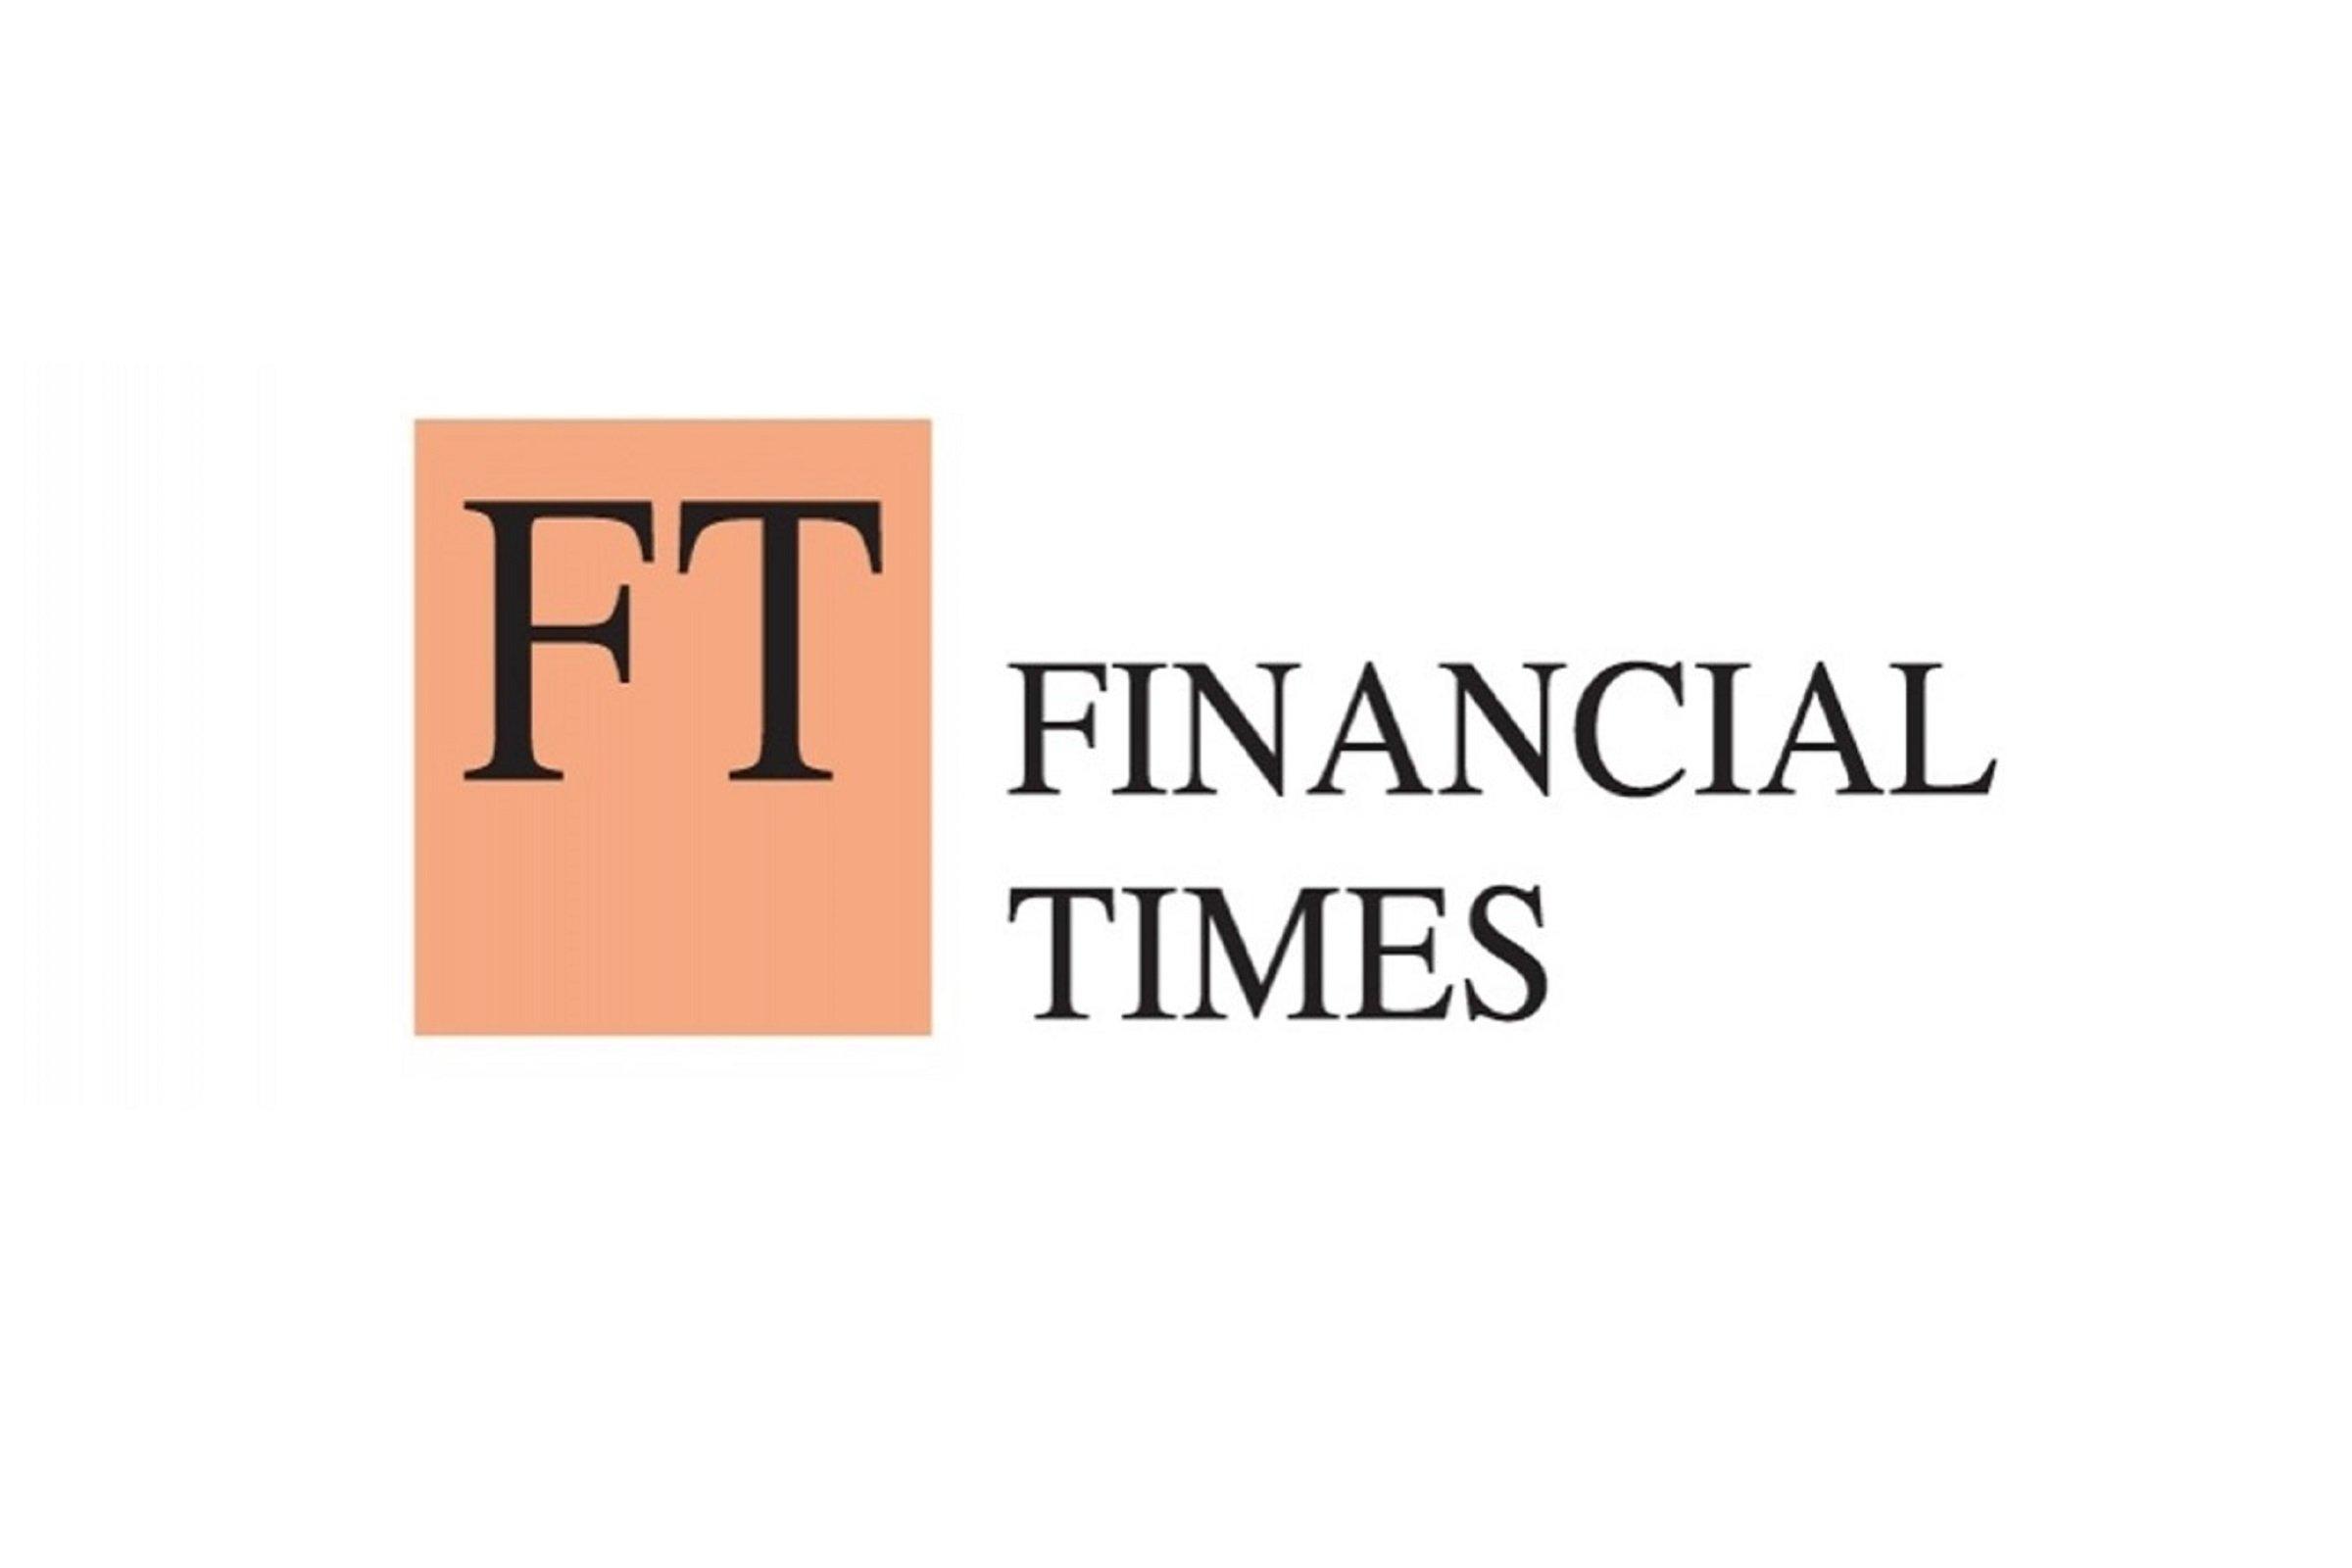 """КИФ и """"Financial Times"""" во Лондон го промовираат Западен Балкан како единствена дестинација за инвестиции"""